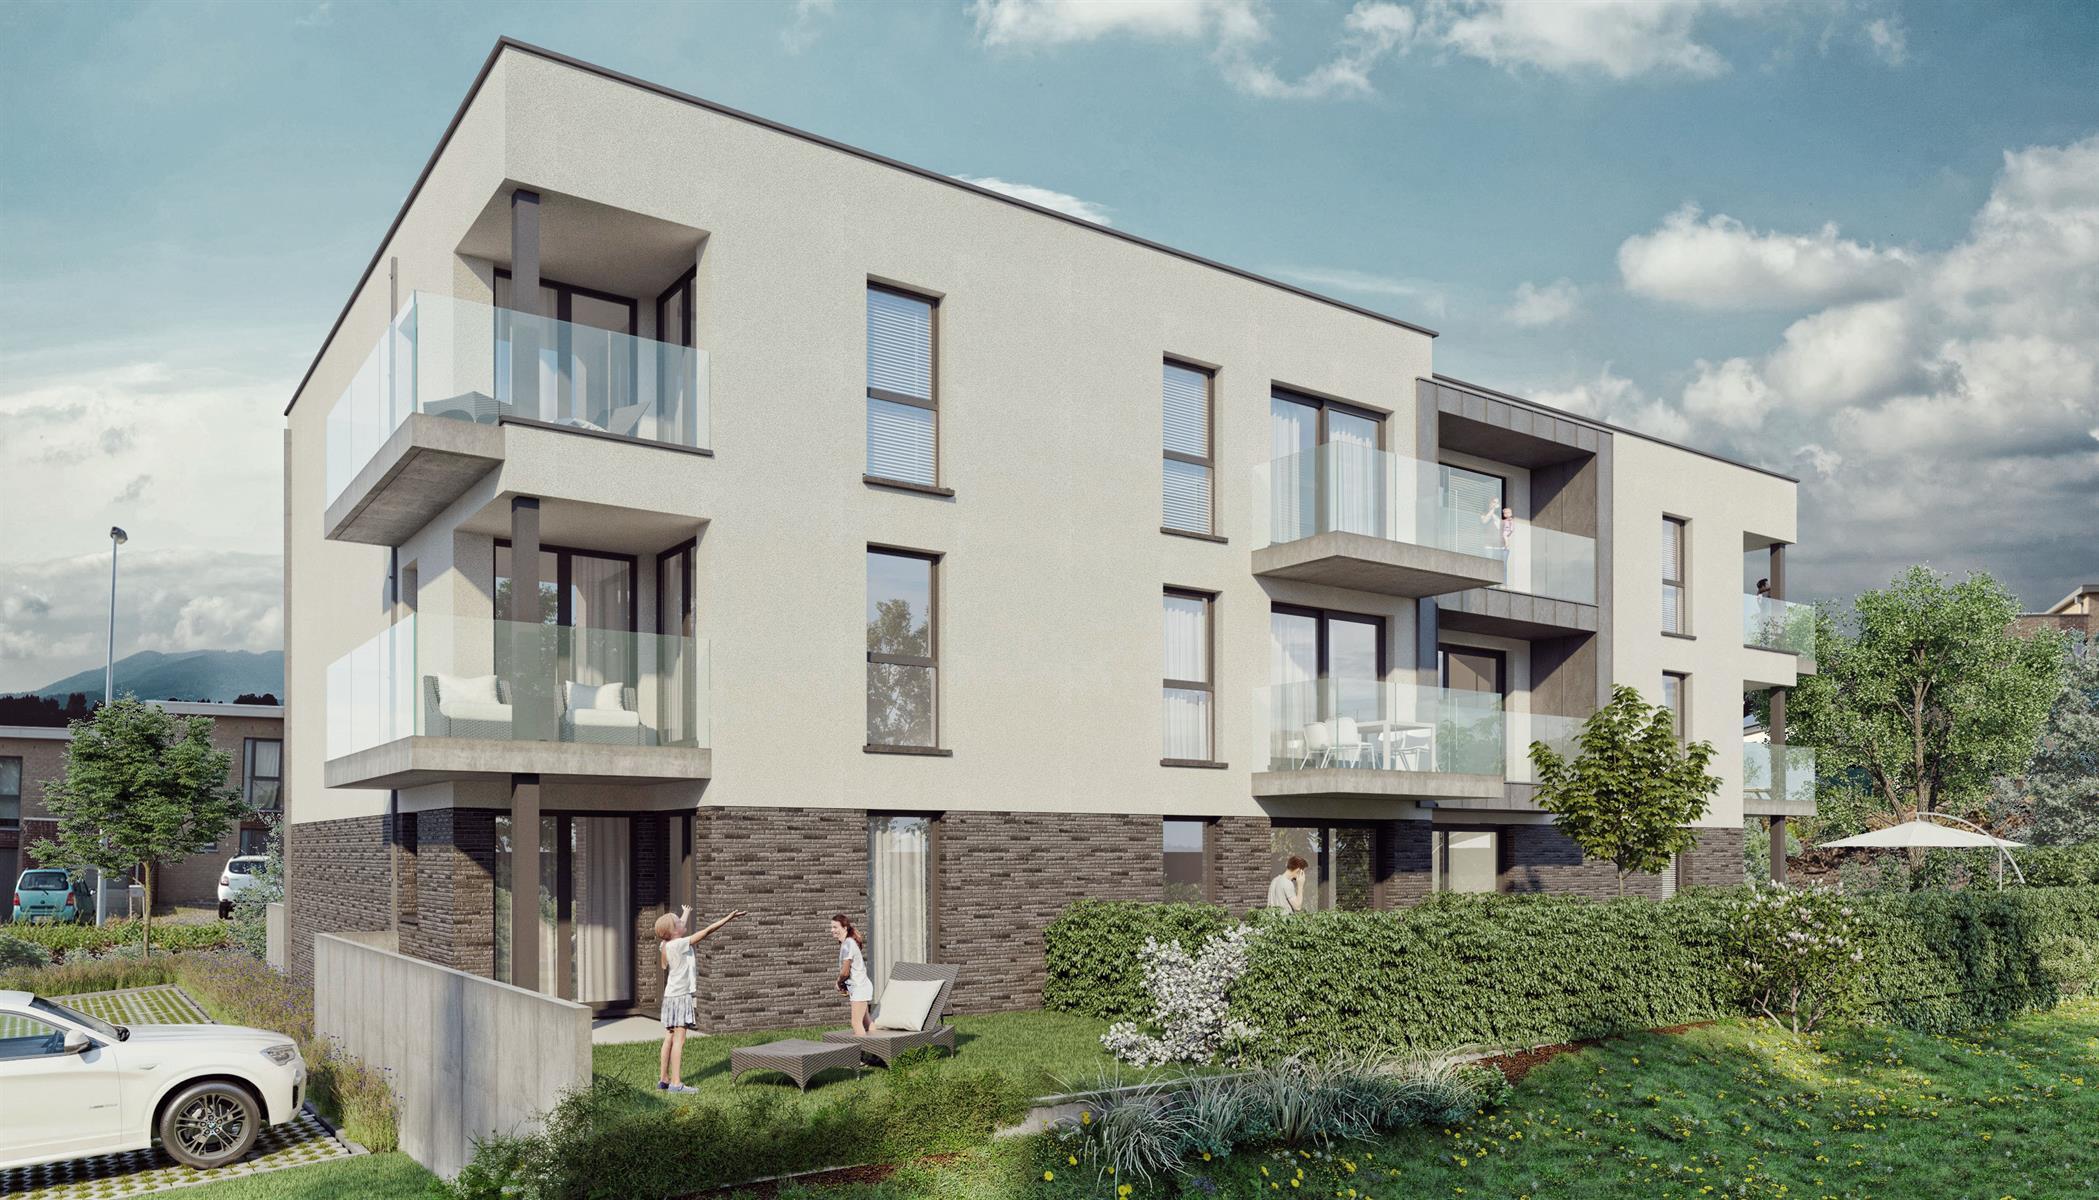 Ground floor with garden - Flemalle - #4197026-37